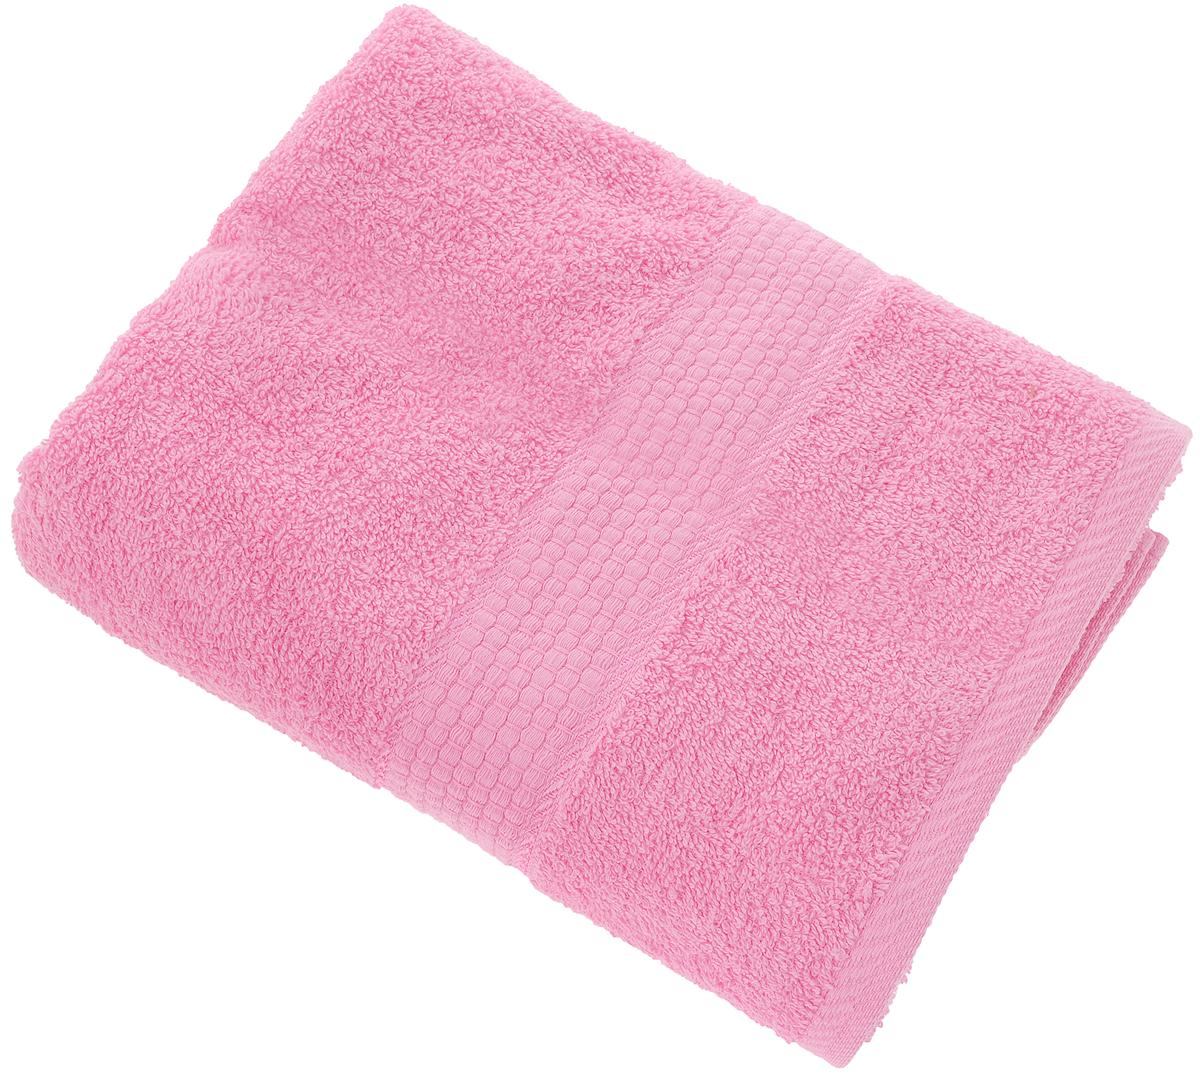 Полотенце Aisha Home Textile, цвет: розовый, 70 х 140 смУзТ-ПМ-114-08-04кМахровые полотенца AISHA Home Textile идеальное сочетание цены и качества. Полотенца упакованы в стильную подарочную коробку. В состав входит только натуральное волокно - хлопок. Лаконичные бордюры подойдут для любого интерьера ванной комнаты. Полотенца прекрасно впитывает влагу и быстро сохнут. При соблюдении рекомендаций по уходу не линяют и не теряют форму даже после многократных стирок. Состав: 100% хлопок.